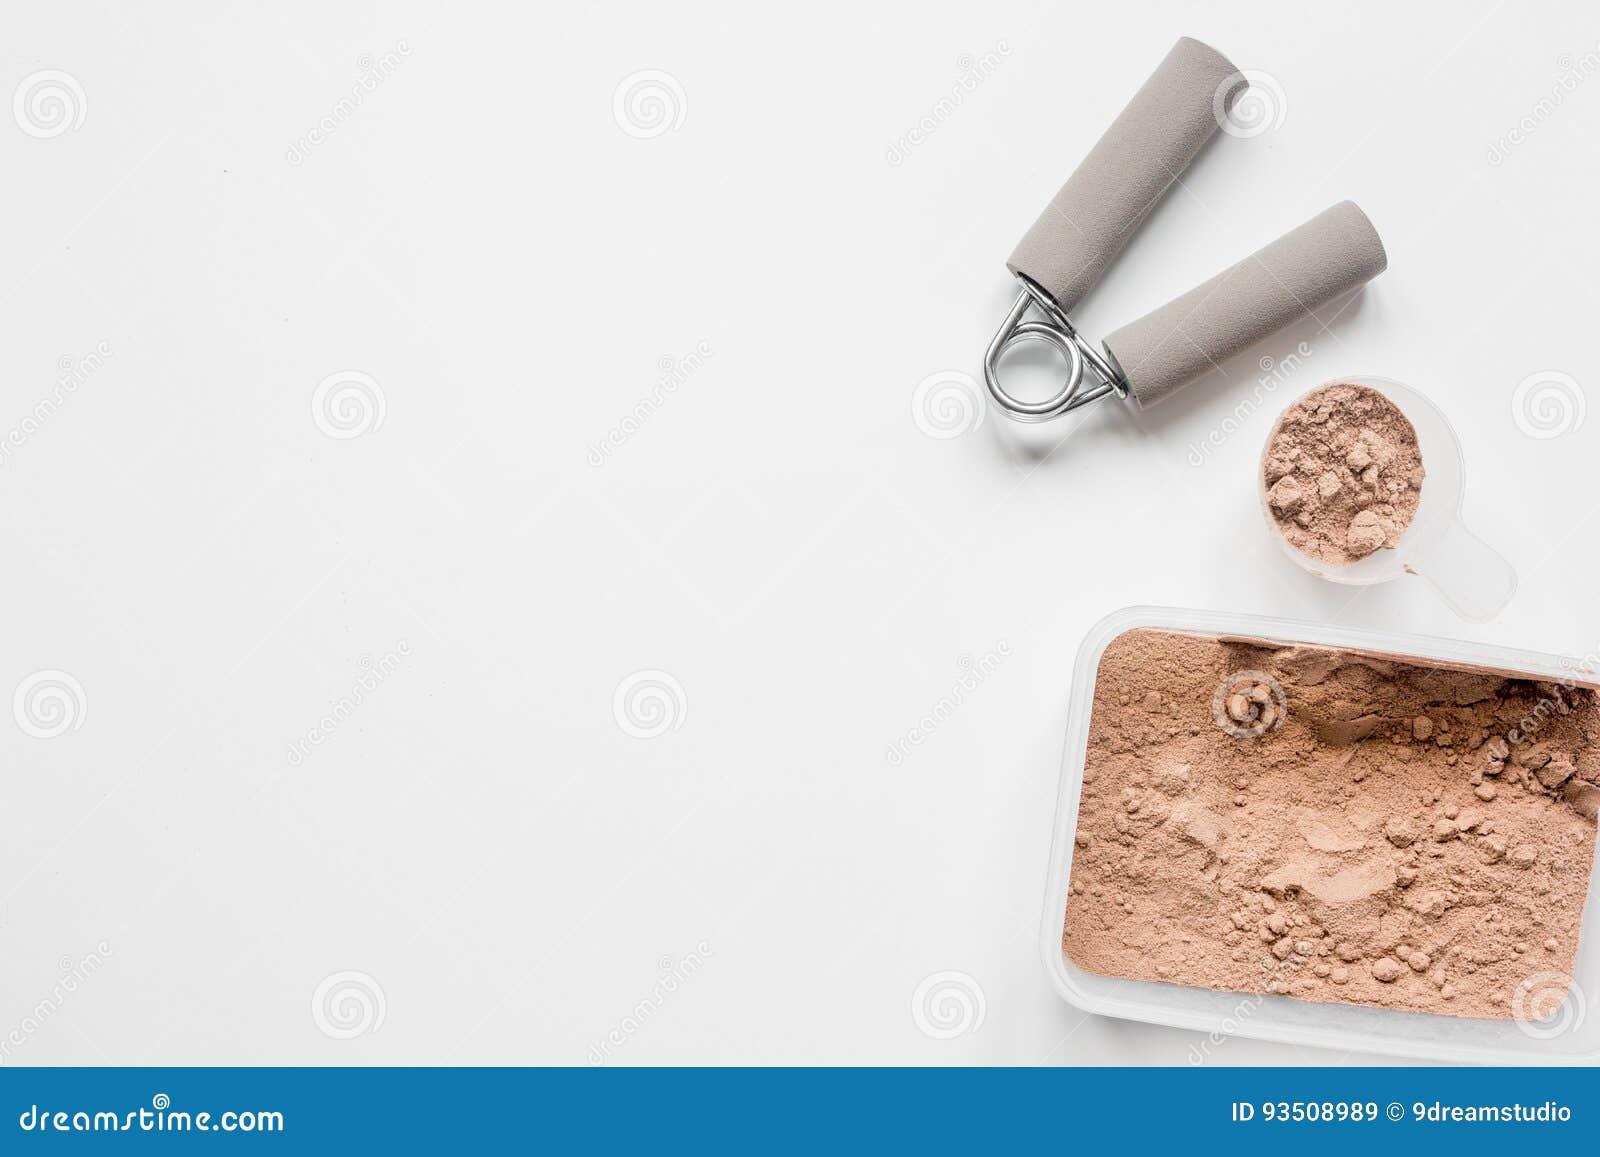 πρωτεϊνική σκόνη για τη διατροφή ικανότητας για να αρχίσει το άσπρο πρότυπο άποψης υποβάθρου τοπ